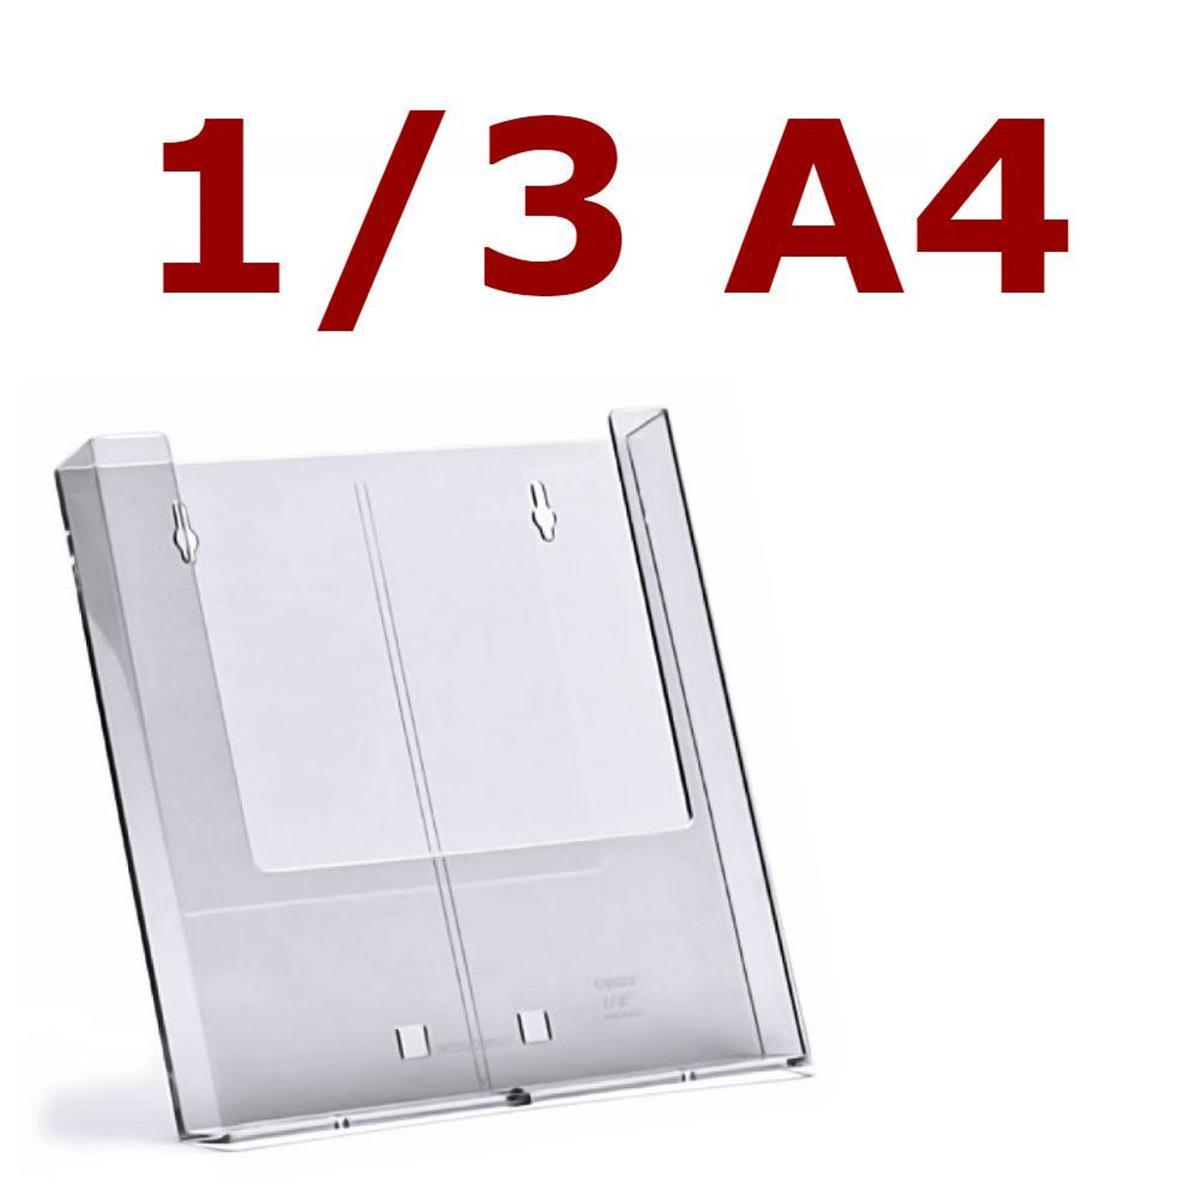 Abarnom Portafolletos 1//3 DIN a4 para mostrador y Pared